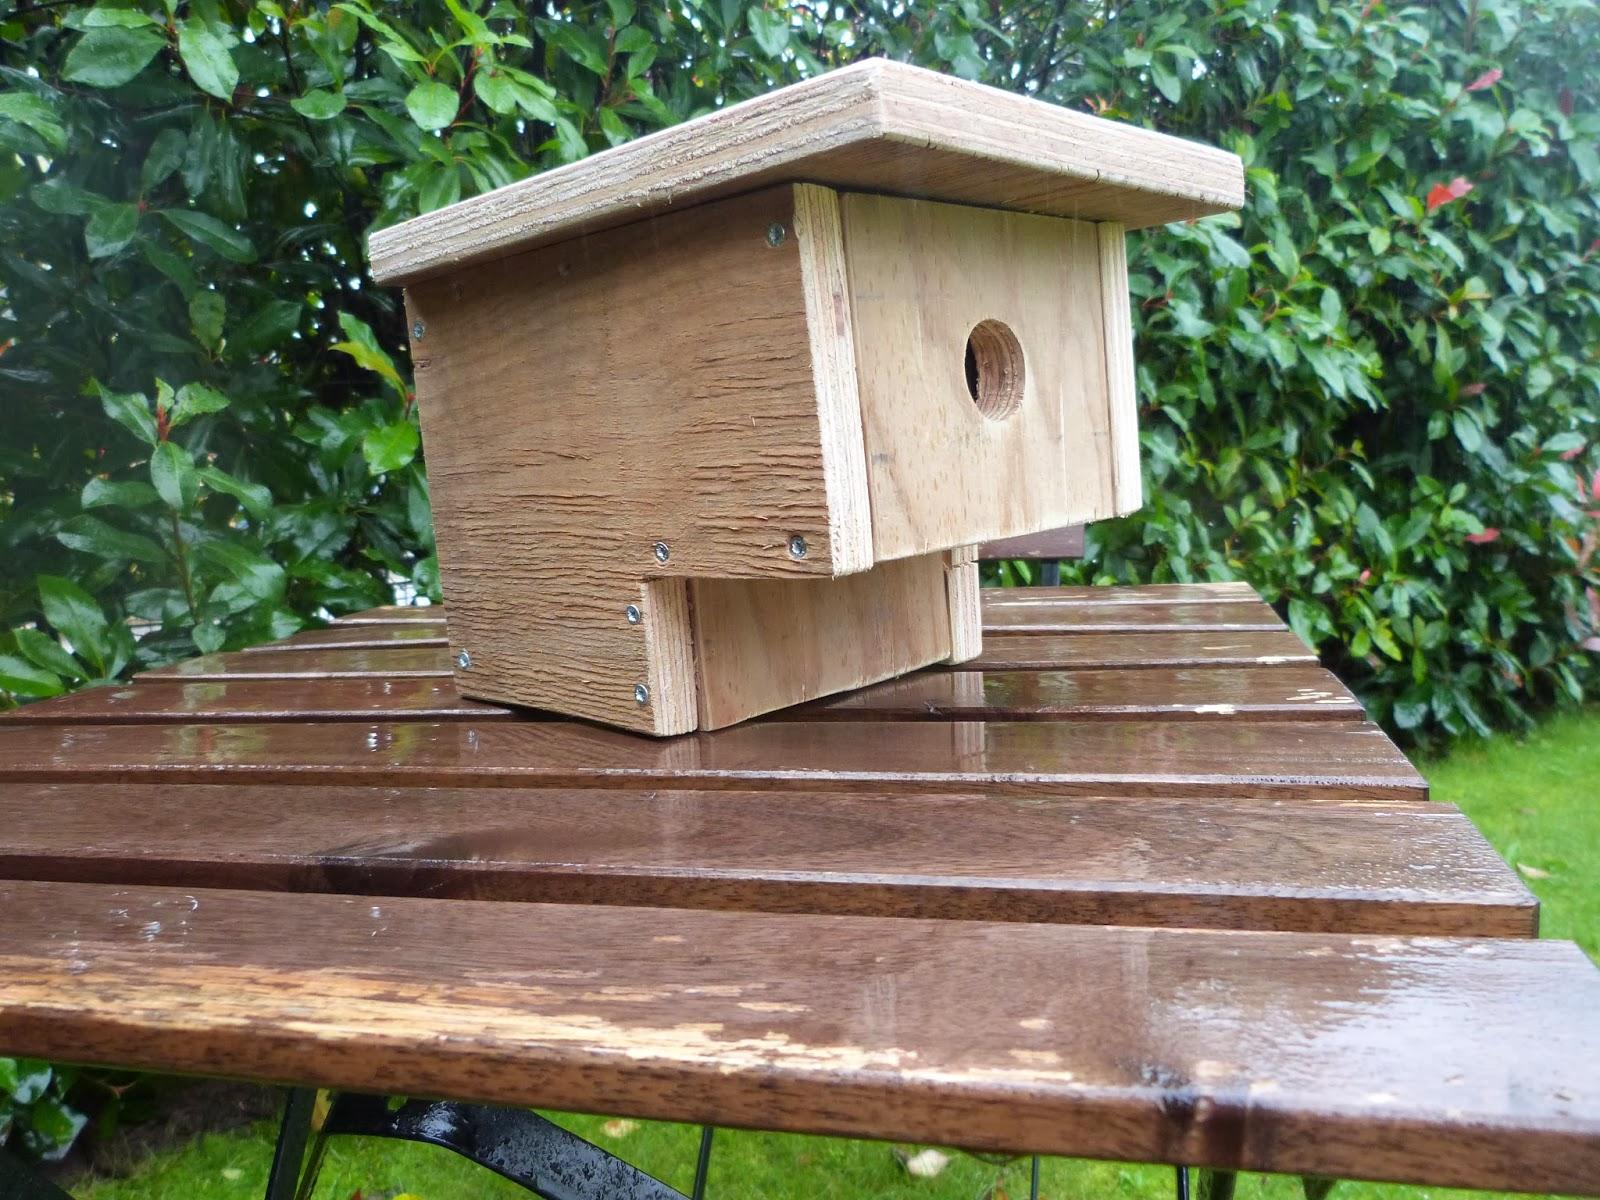 les jardins familiaux de feunteun don un abri pour les oiseaux. Black Bedroom Furniture Sets. Home Design Ideas